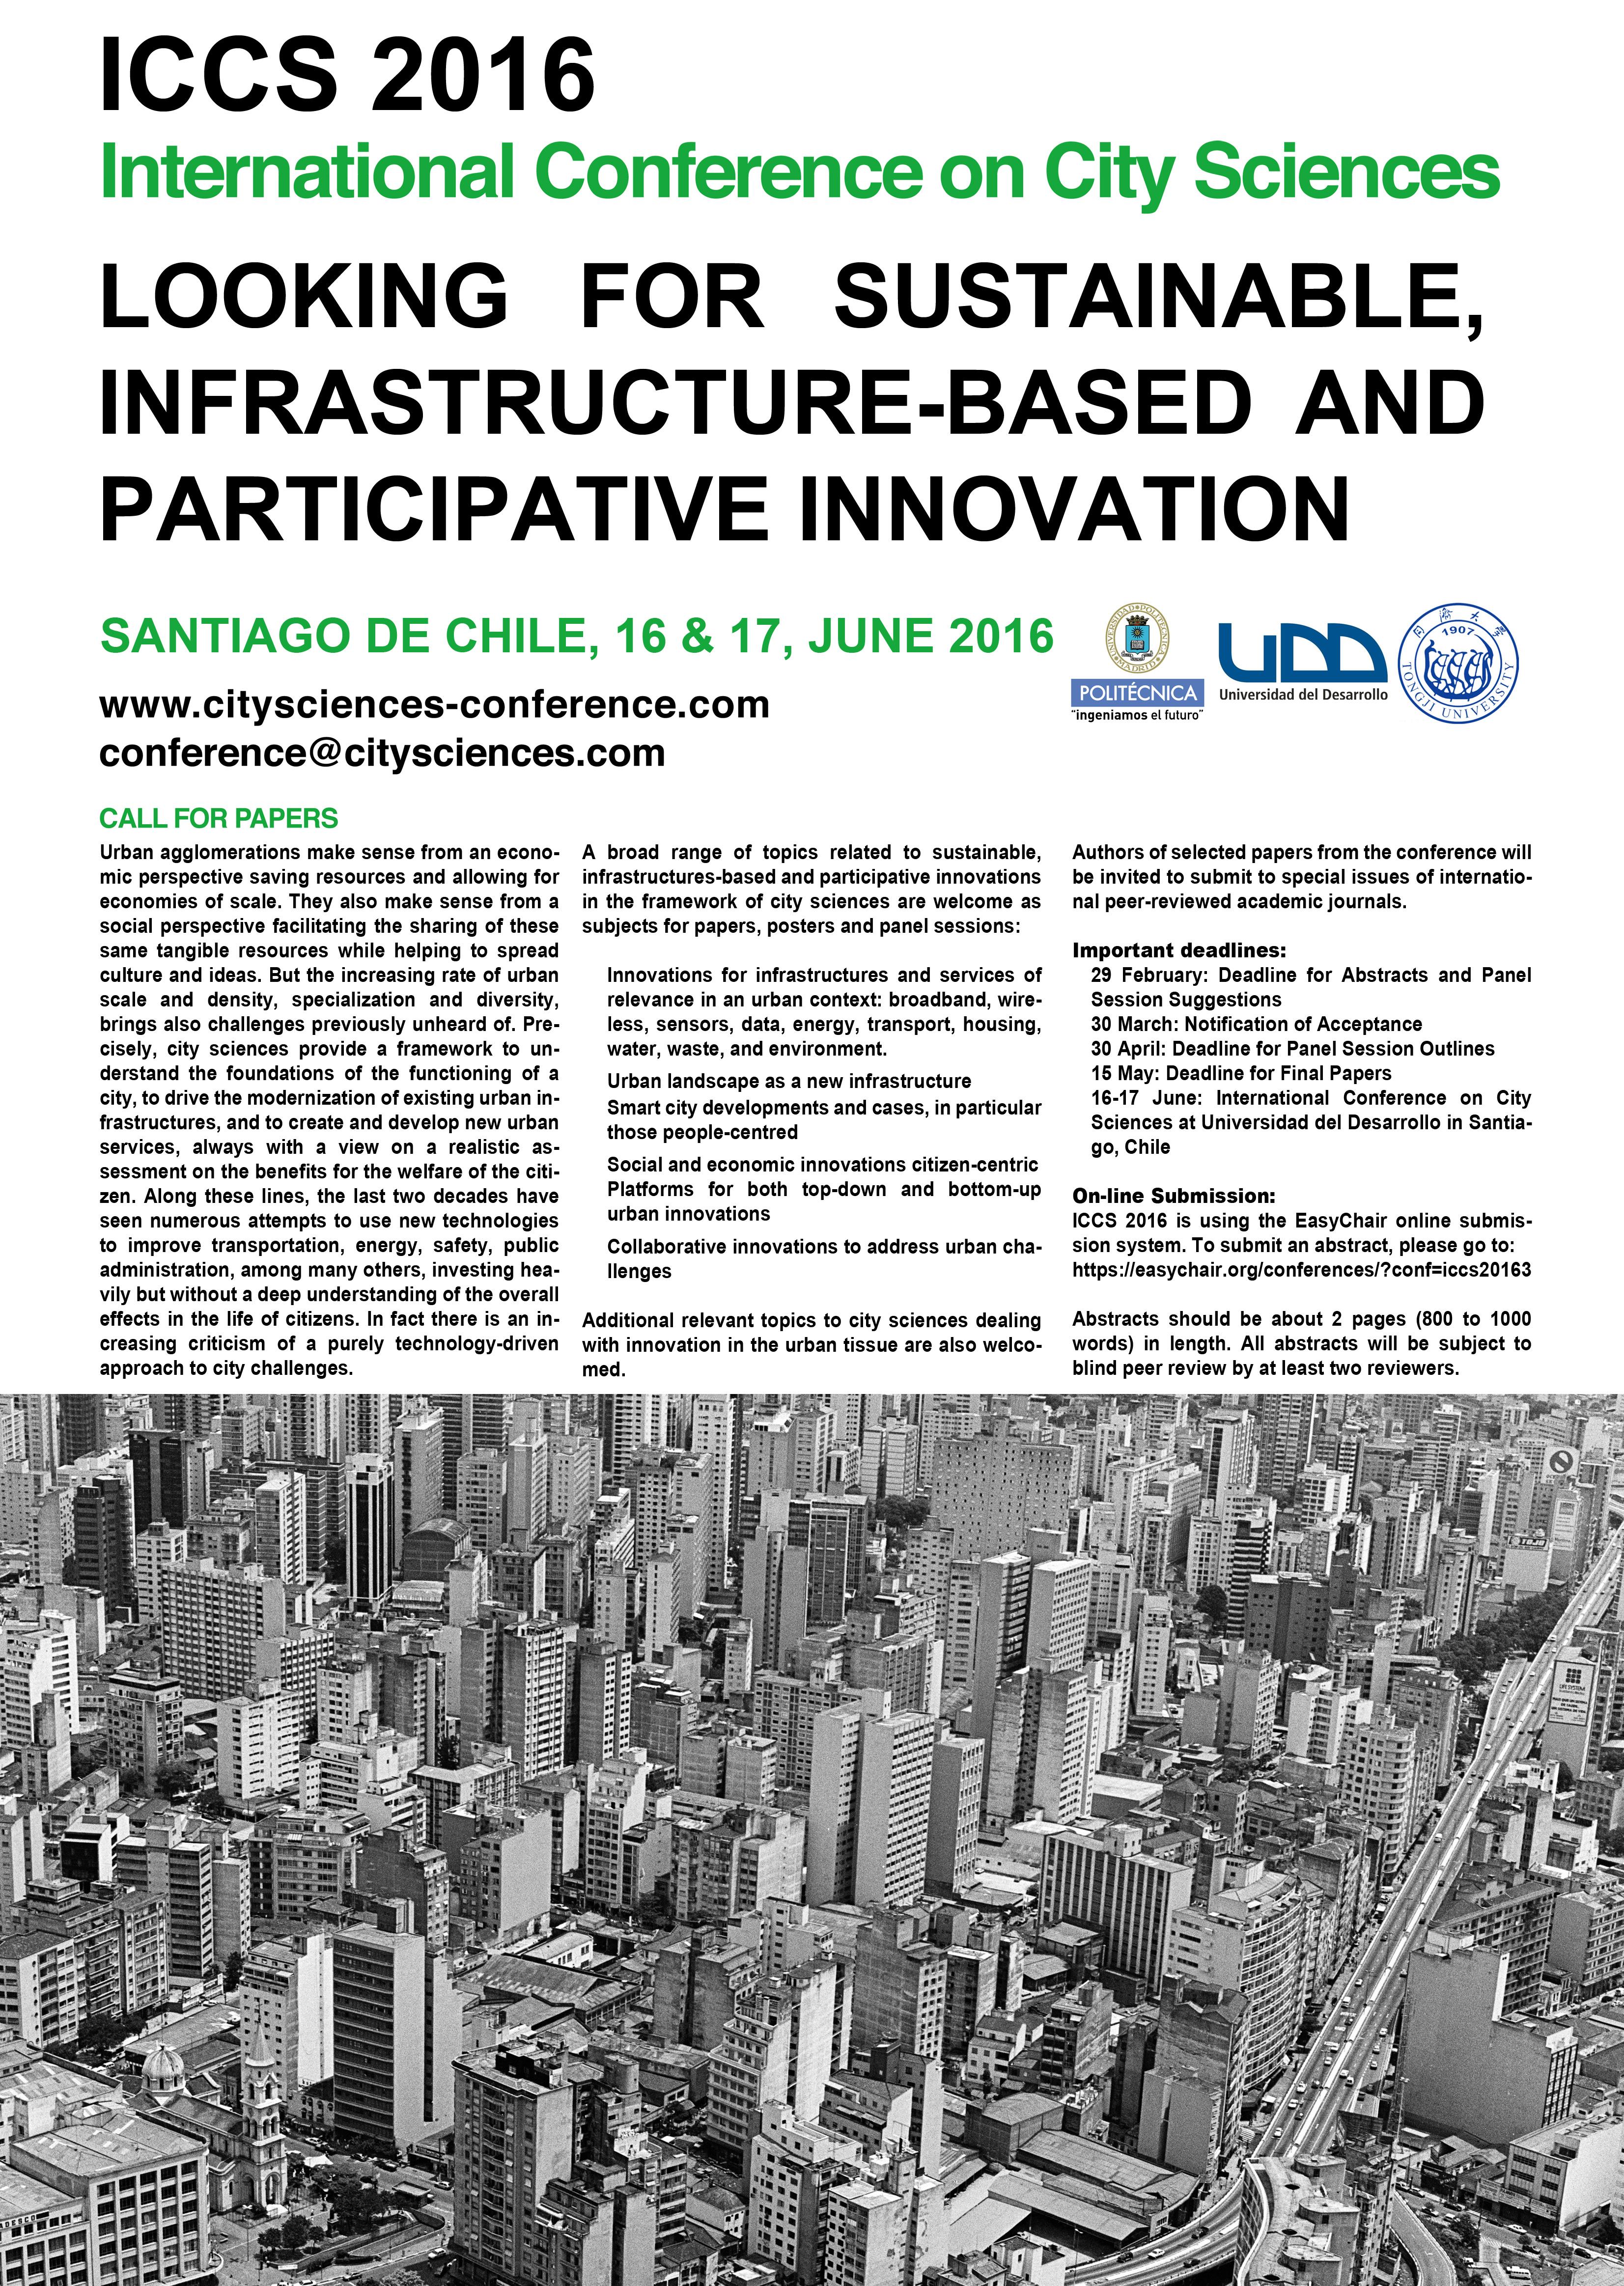 ICCS 2016 Santiago de Chile